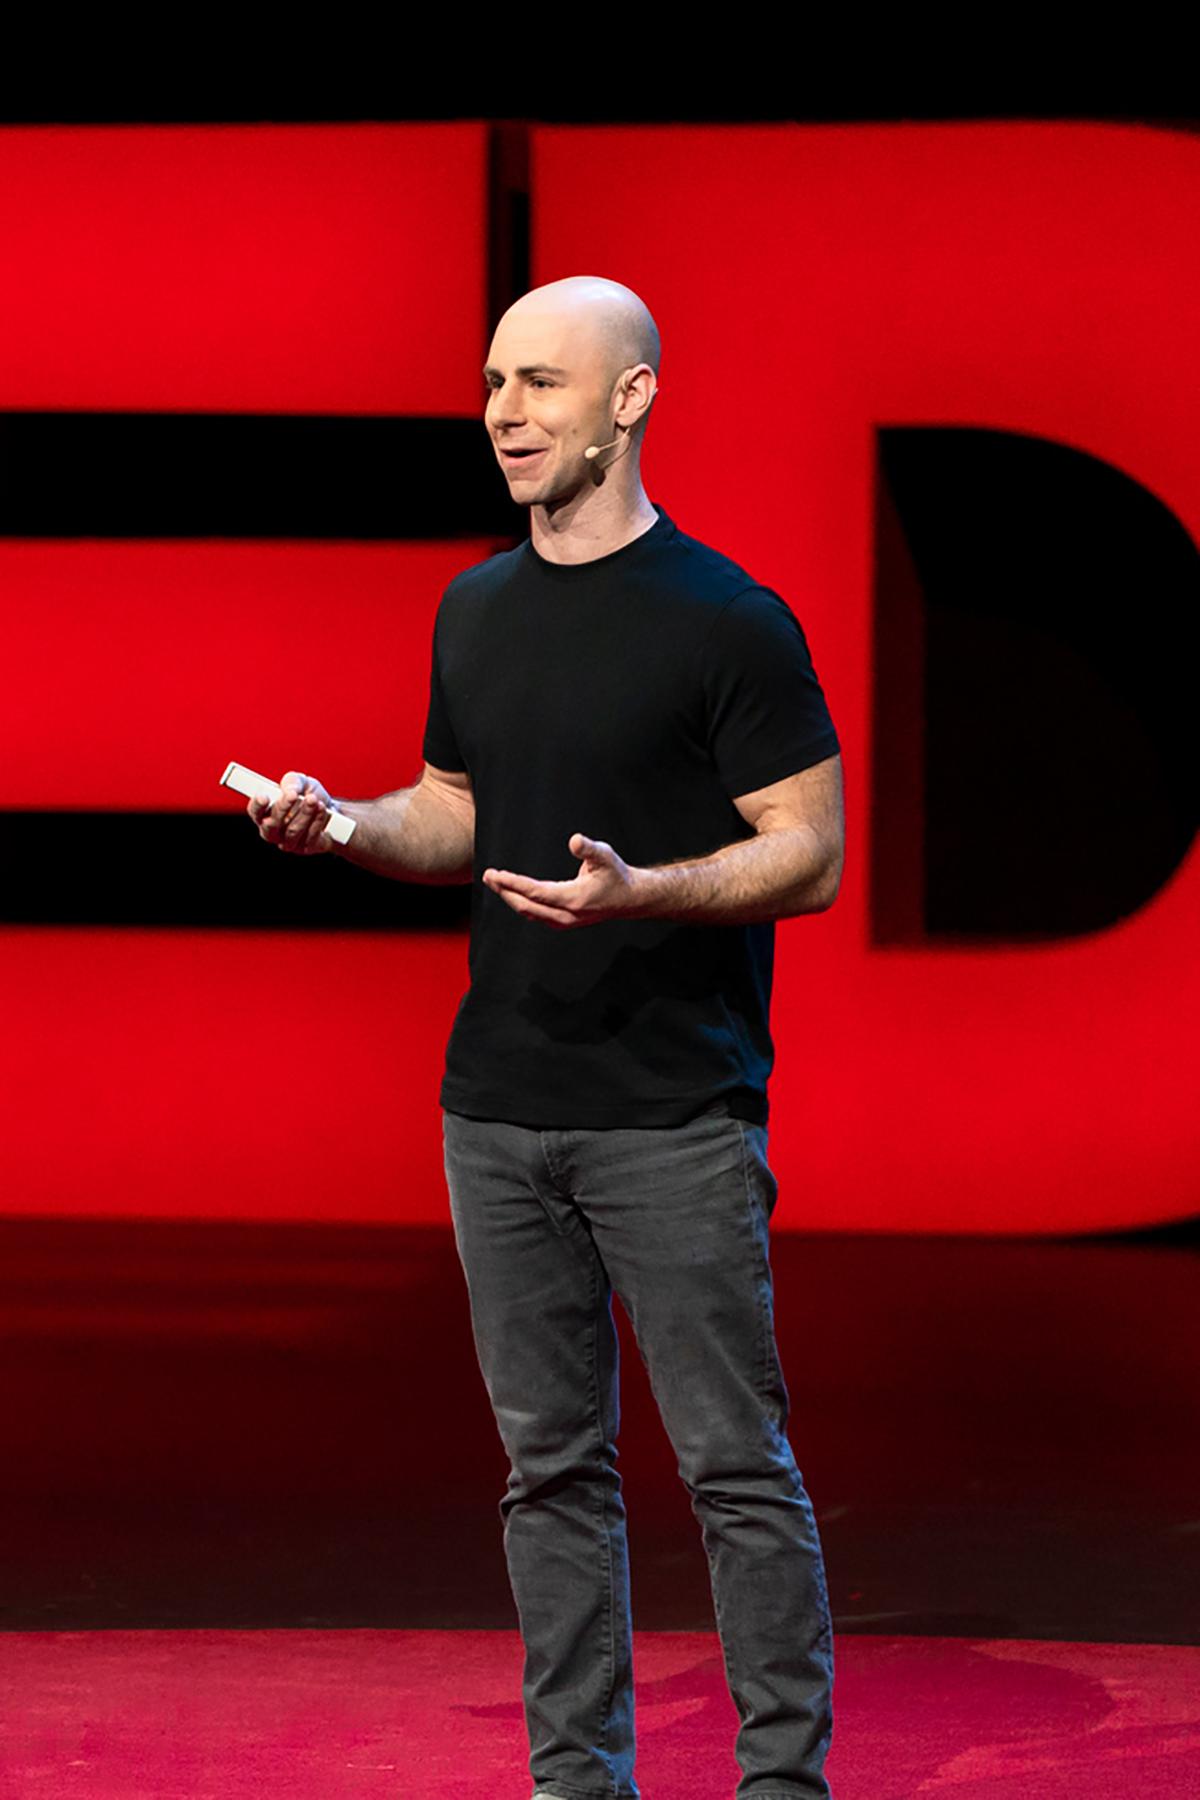 Adam Grant